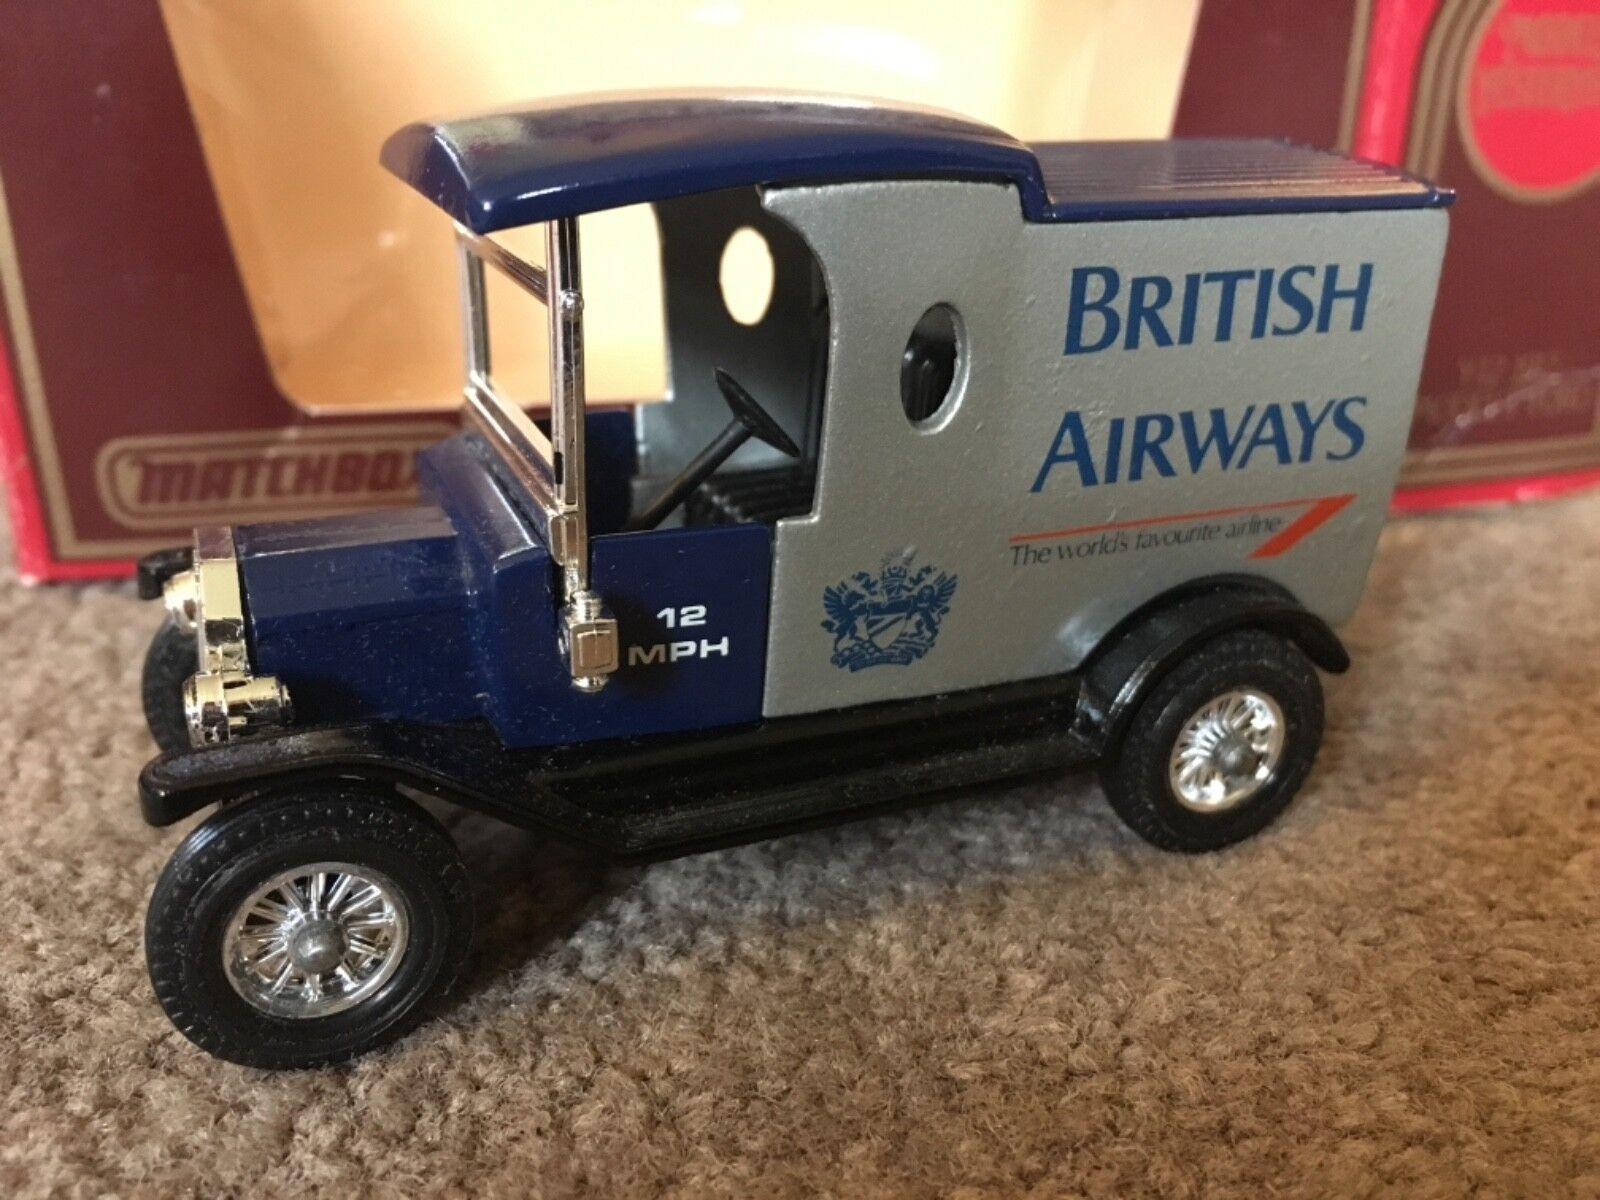 Y12 matchbox - modelle von vorgestern ford t - modell der british airways von len holmes